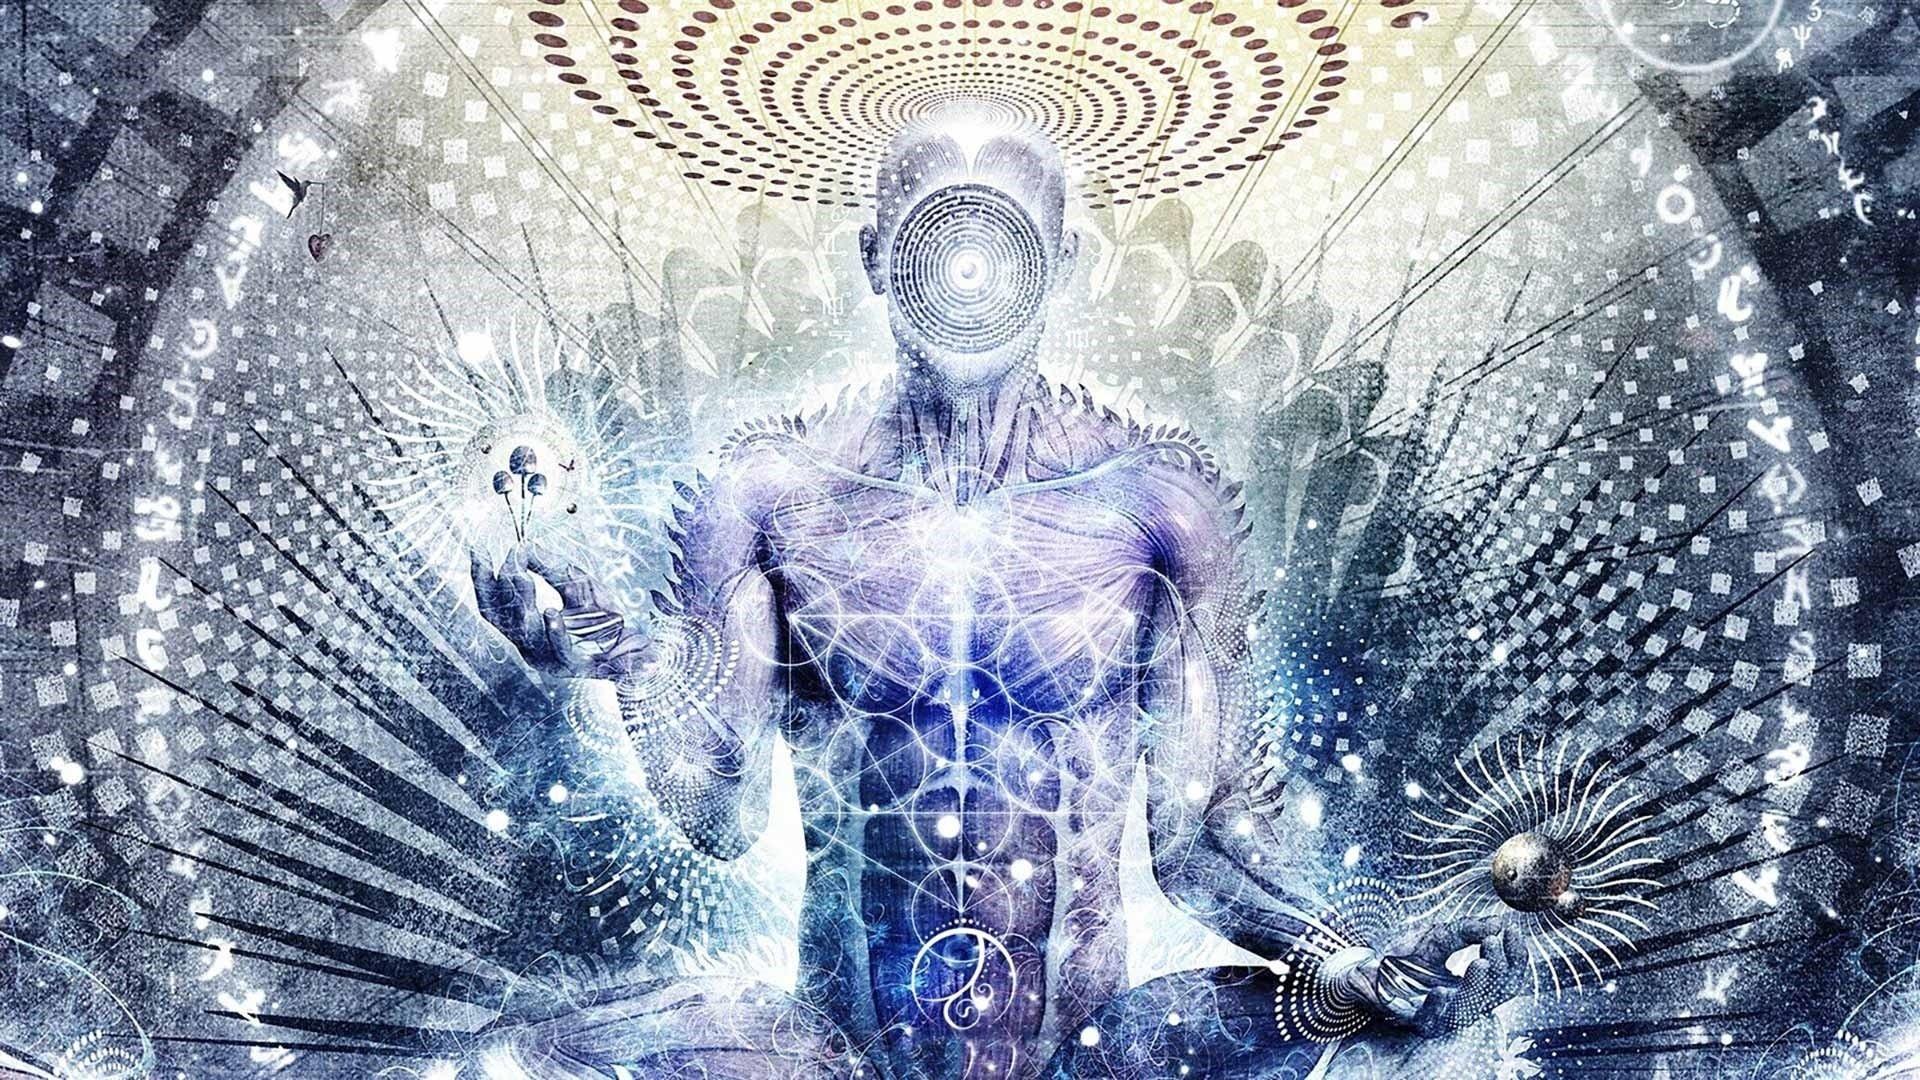 Enlightenment desktop wallpaper